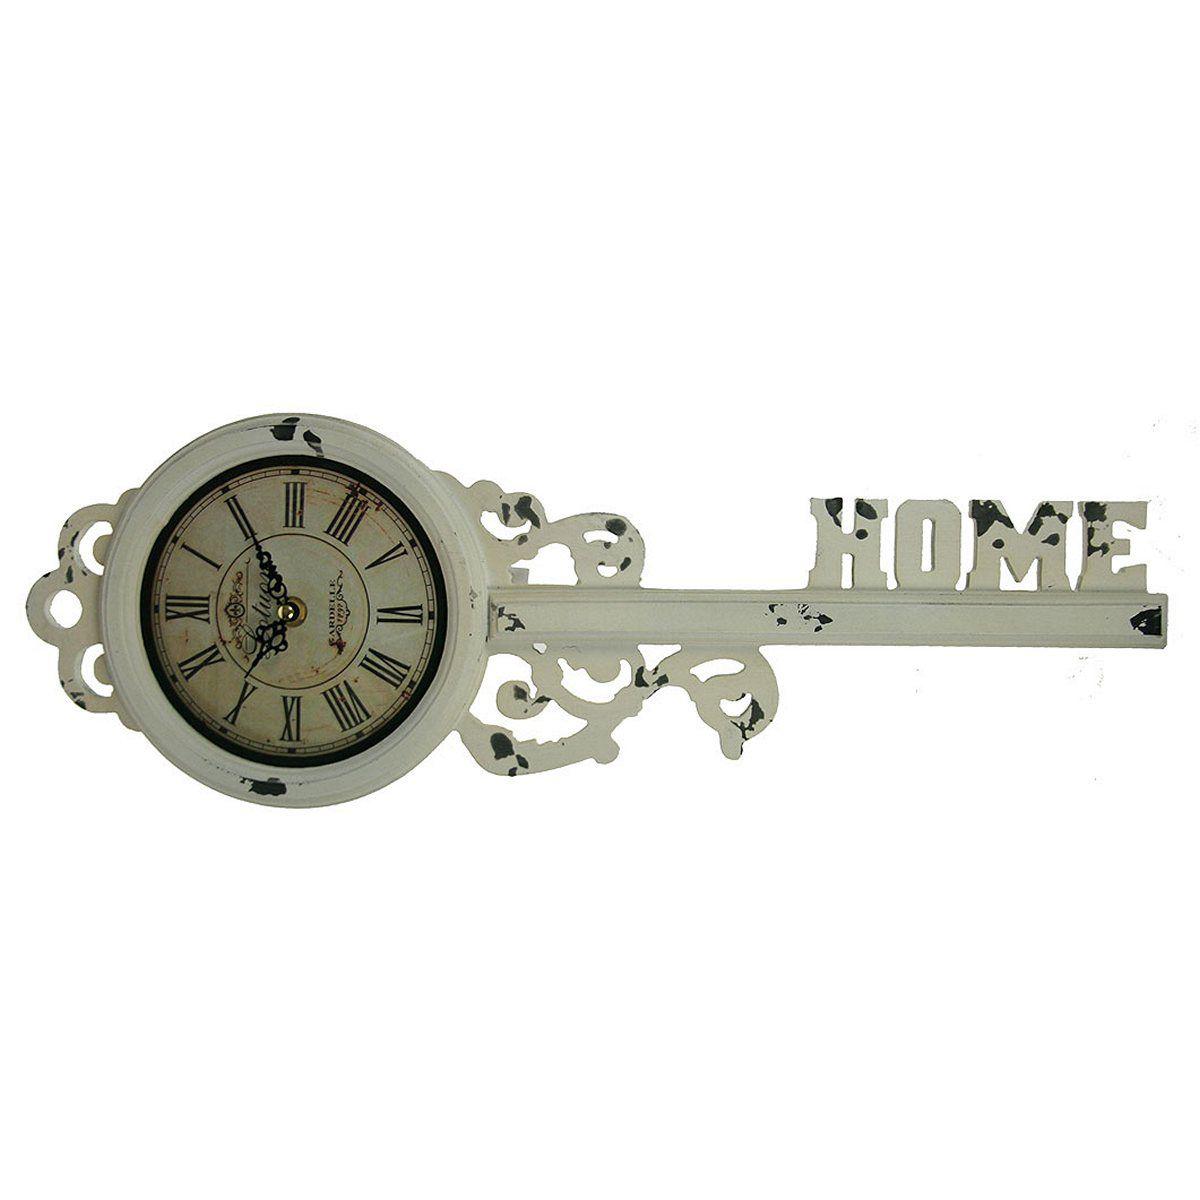 Часы настенные Русские Подарки, 18 х 52 х 5 см. 2961441059Настенные кварцевые часы Русские Подарки изготовлены из МДФ. Корпус выполнен в виде старинного ключа и имеет надпись Home. Часы имеют две стрелки - часовую и минутную. С обратной стороны имеется петелька для подвешивания на стену.Изящные часы красиво и оригинально оформят интерьер дома или офиса.